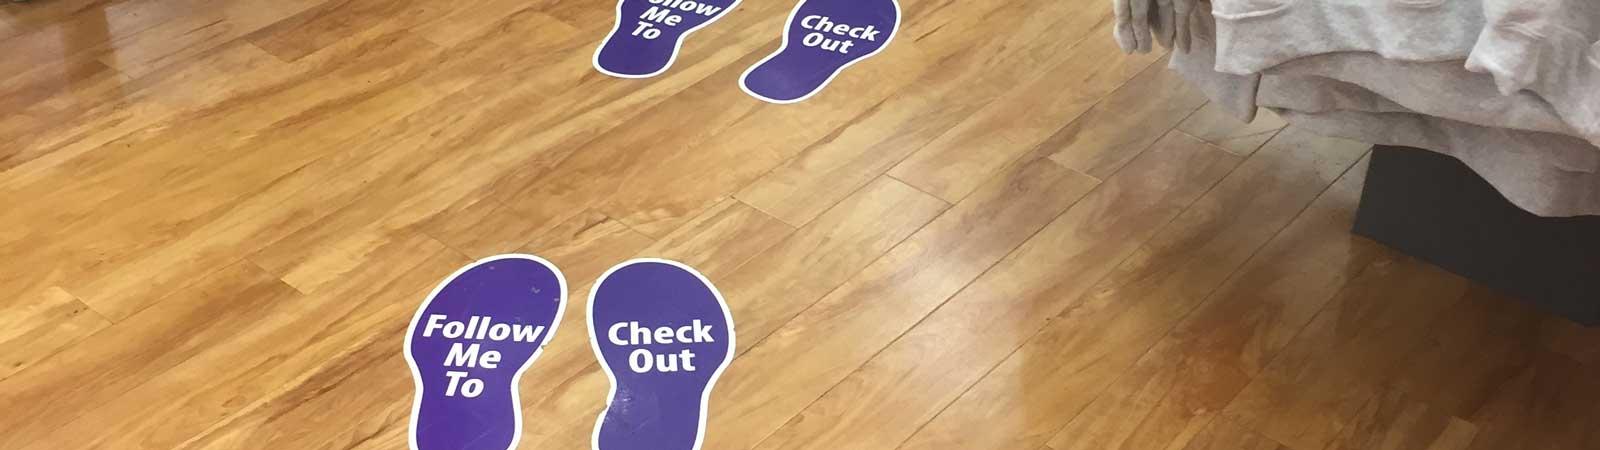 floor-graphics